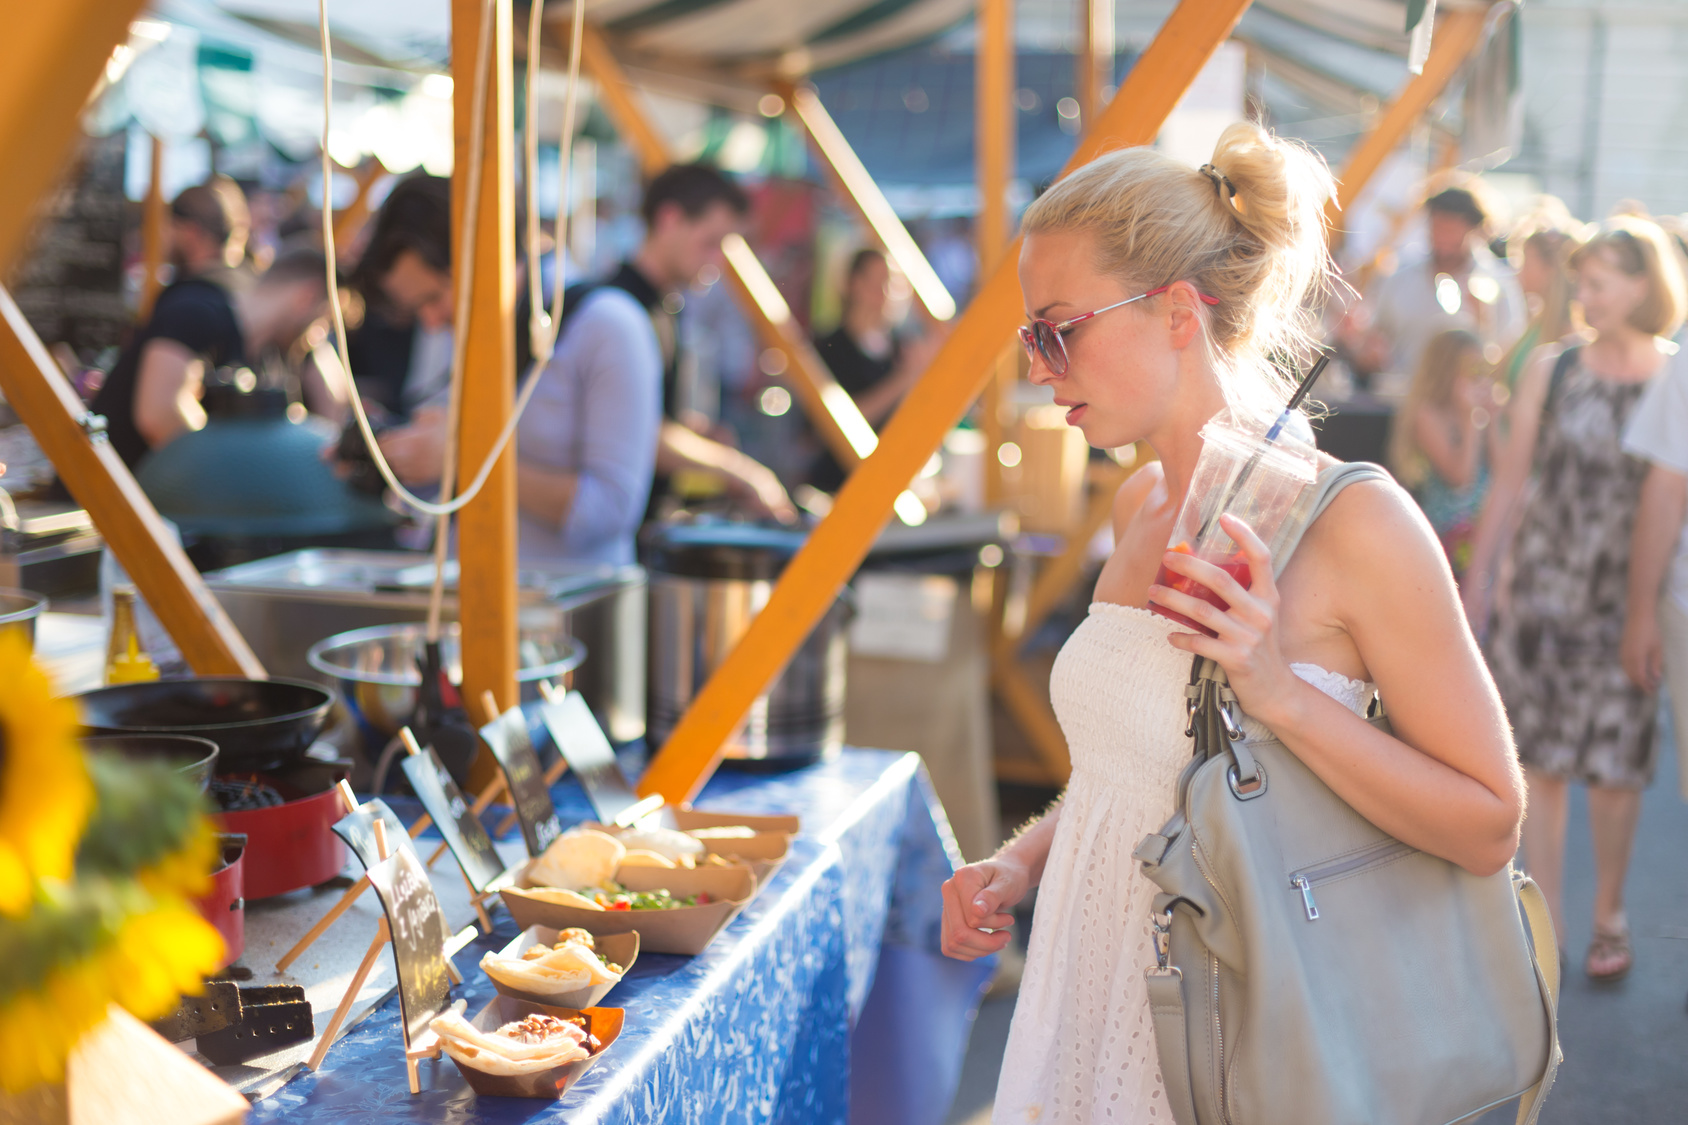 Женщина покупает еду на фестивале уличной еды.